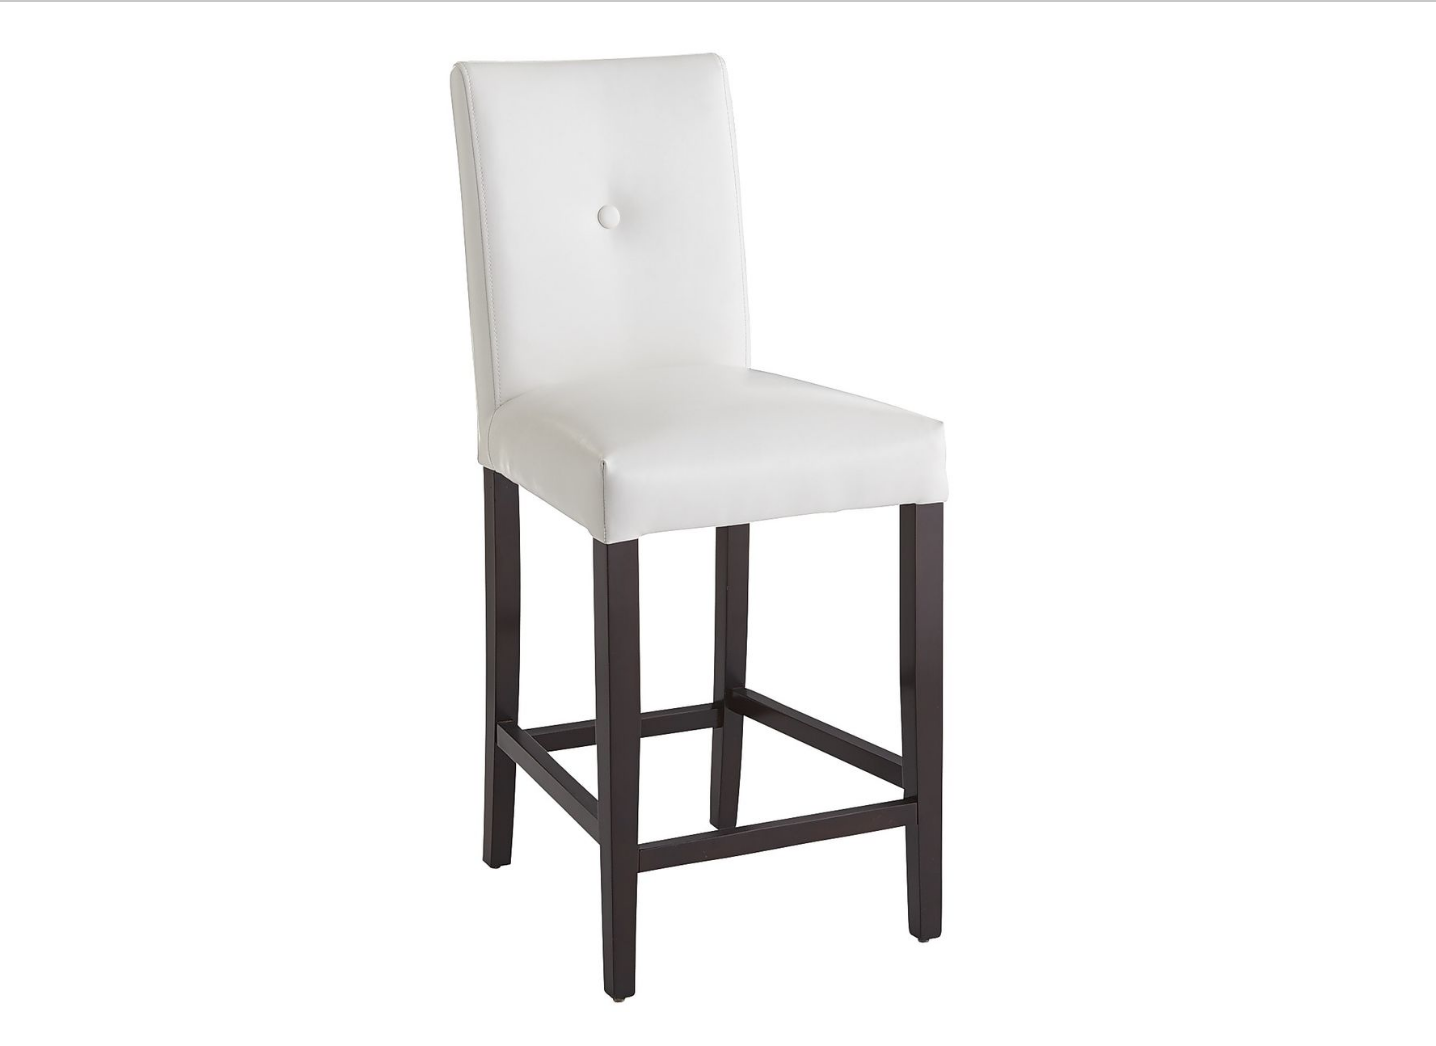 Стул барный Mason CounterБарные стулья<br>&amp;lt;div&amp;gt;Высота сидения 66 см.&amp;lt;br&amp;gt;&amp;lt;/div&amp;gt;&amp;lt;div&amp;gt;&amp;lt;br&amp;gt;&amp;lt;/div&amp;gt;&amp;lt;div&amp;gt;&amp;lt;div&amp;gt;&amp;lt;div&amp;gt;2 возможные высоты сидения:&amp;lt;/div&amp;gt;&amp;lt;div&amp;gt;66 см (высота столешницы 90 см)&amp;lt;/div&amp;gt;&amp;lt;div&amp;gt;79 см (высота столешницы 120 см)&amp;lt;/div&amp;gt;&amp;lt;/div&amp;gt;&amp;lt;div&amp;gt;Ножки выполнены из бука, материал: текстиль.&amp;lt;/div&amp;gt;&amp;lt;/div&amp;gt;<br><br>Material: Бук<br>Width см: 46<br>Depth см: 57<br>Height см: 104